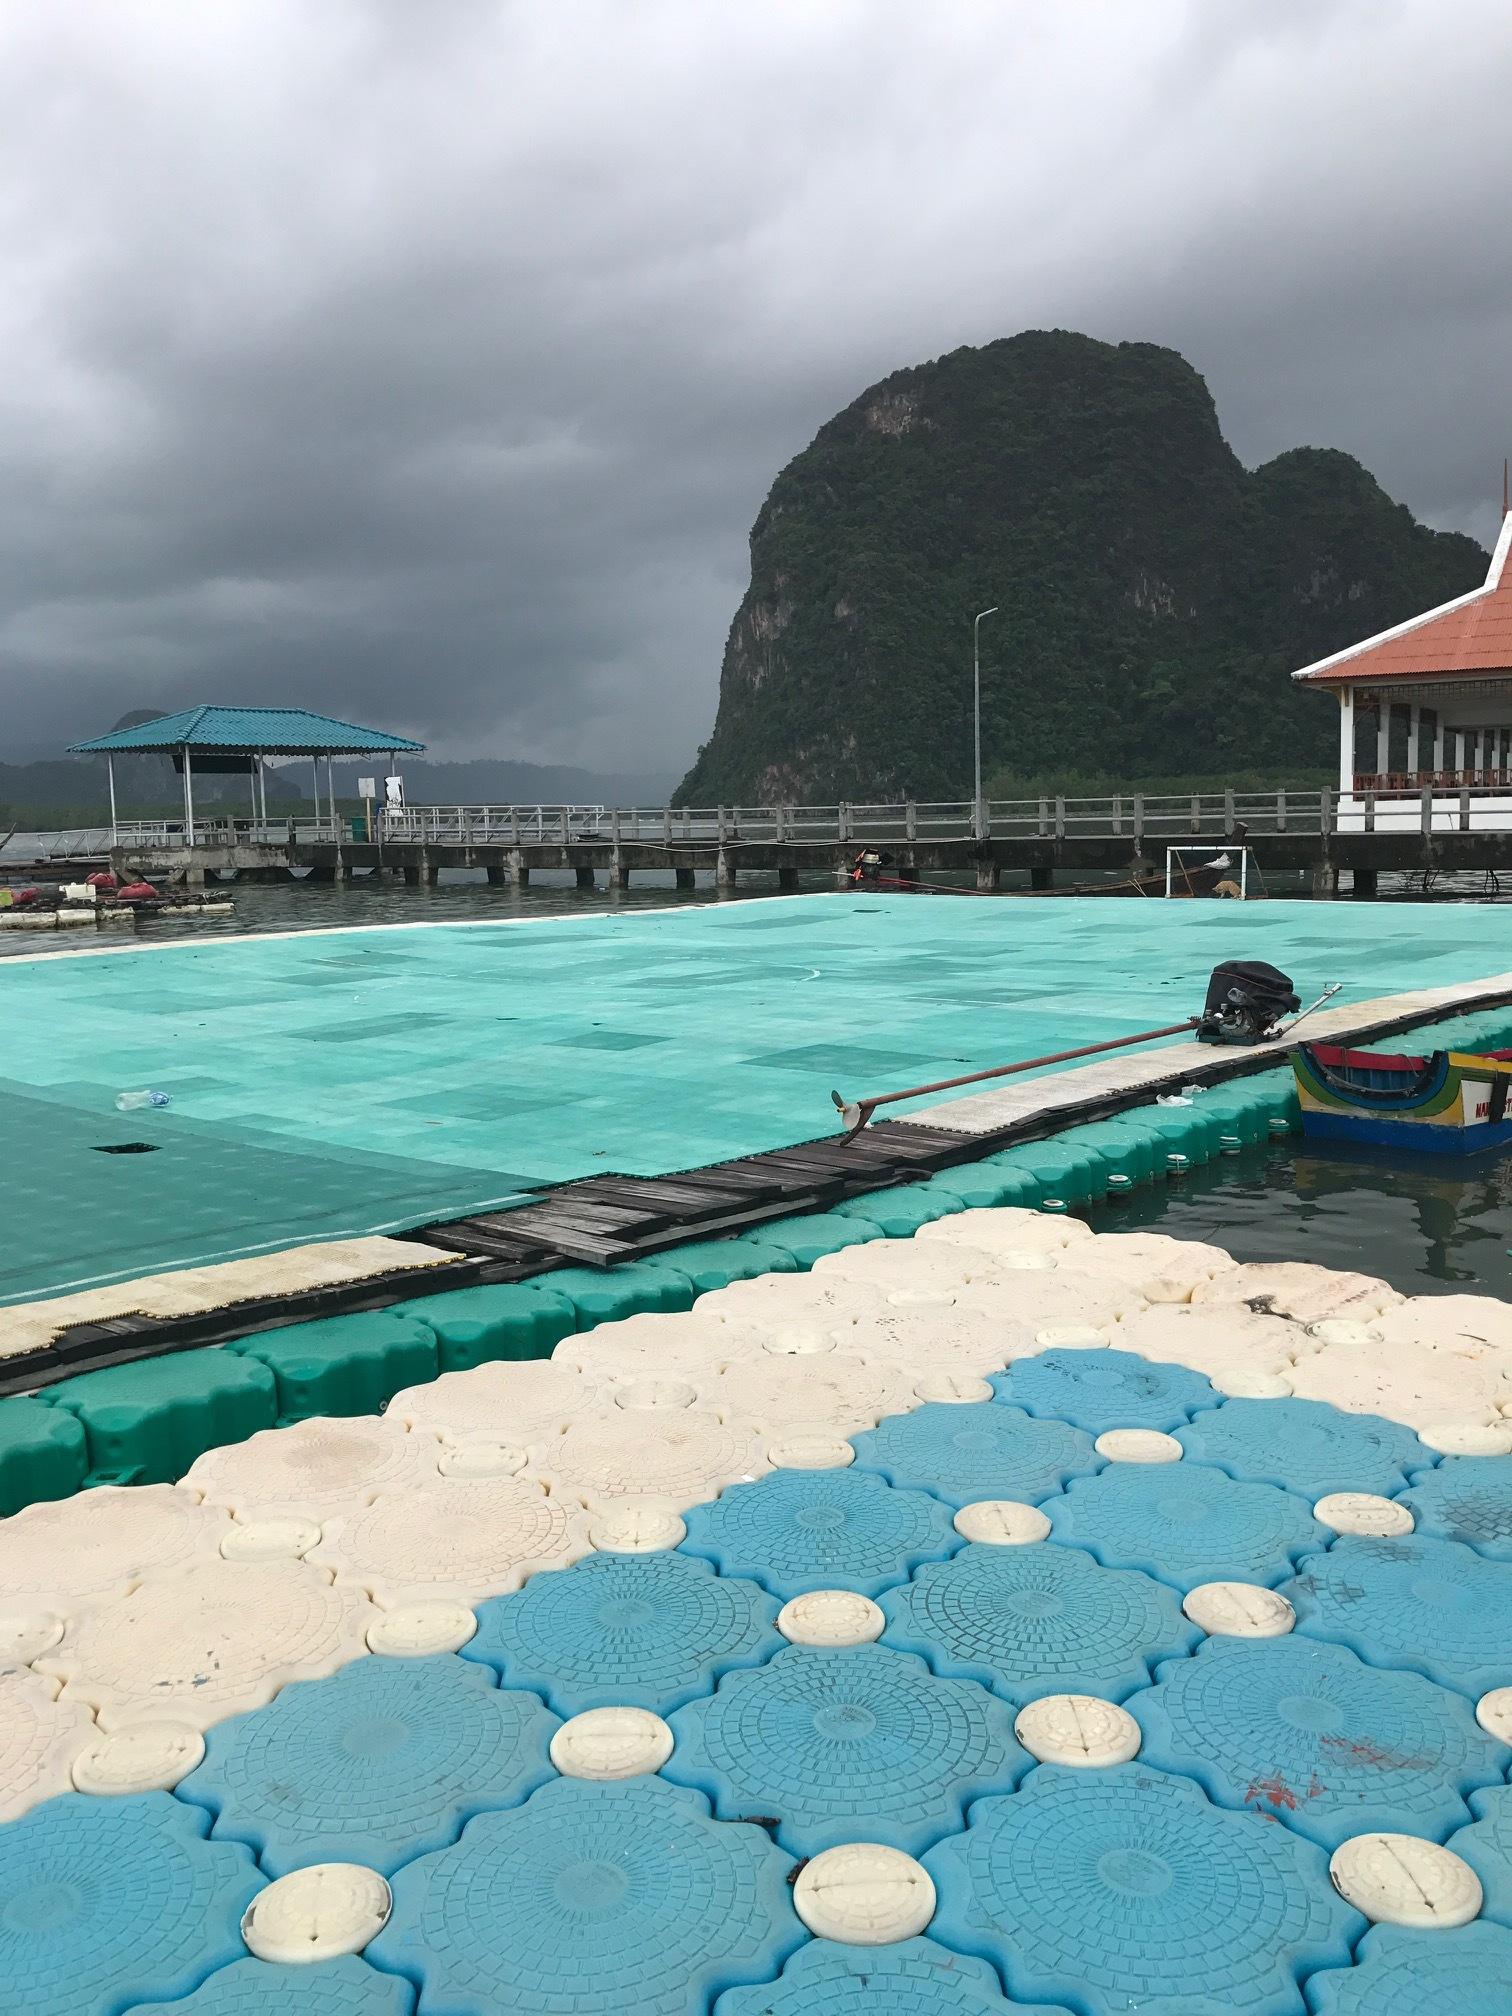 Floating Soccer Field - Koh Panyee